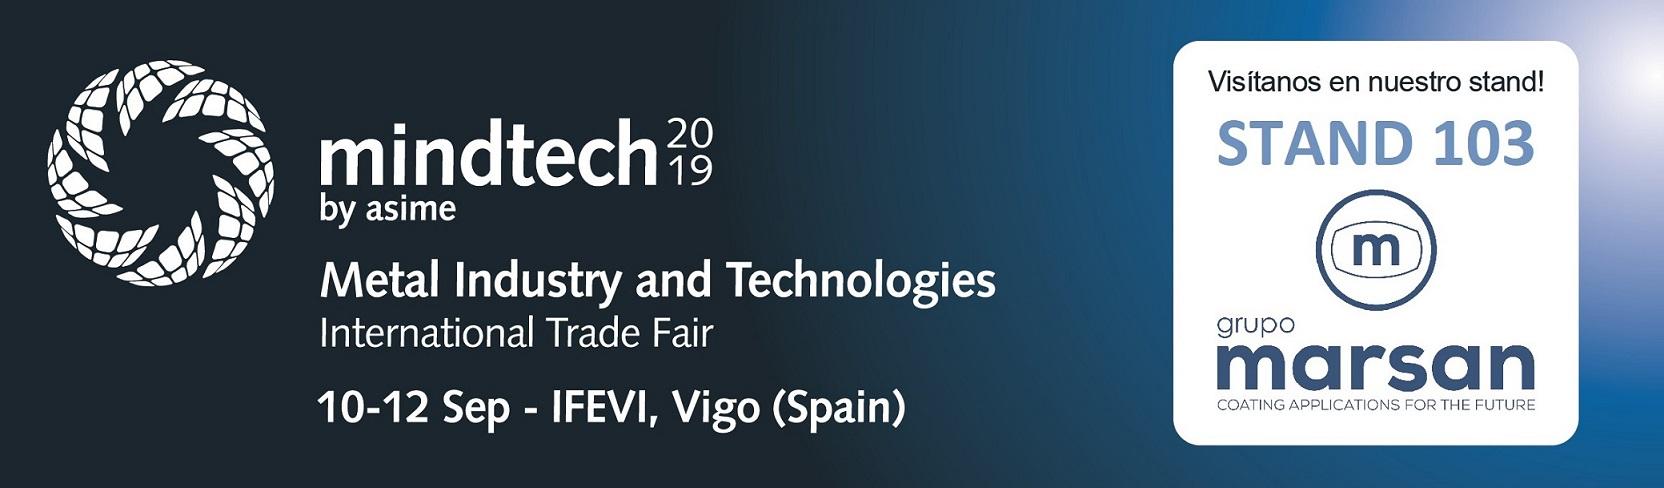 Feria Mindtech 2019